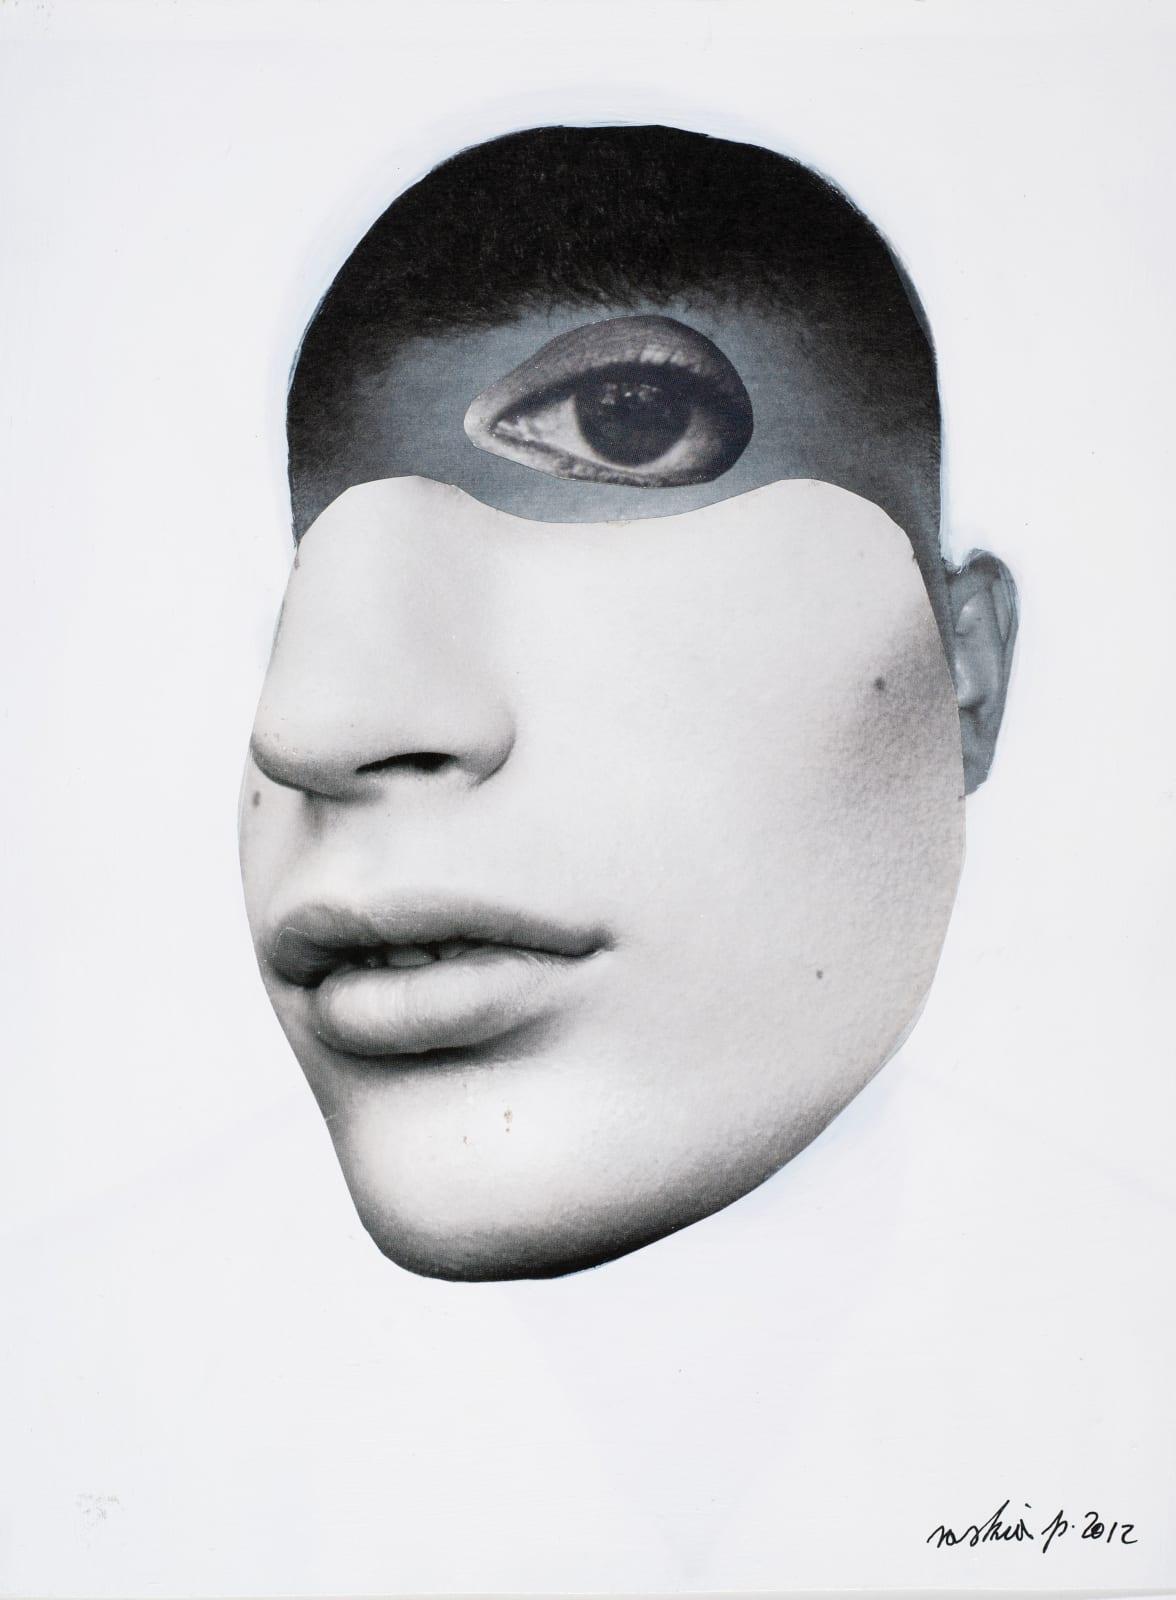 Saskia Pintelon, Limited Edition Print, 2021, 24